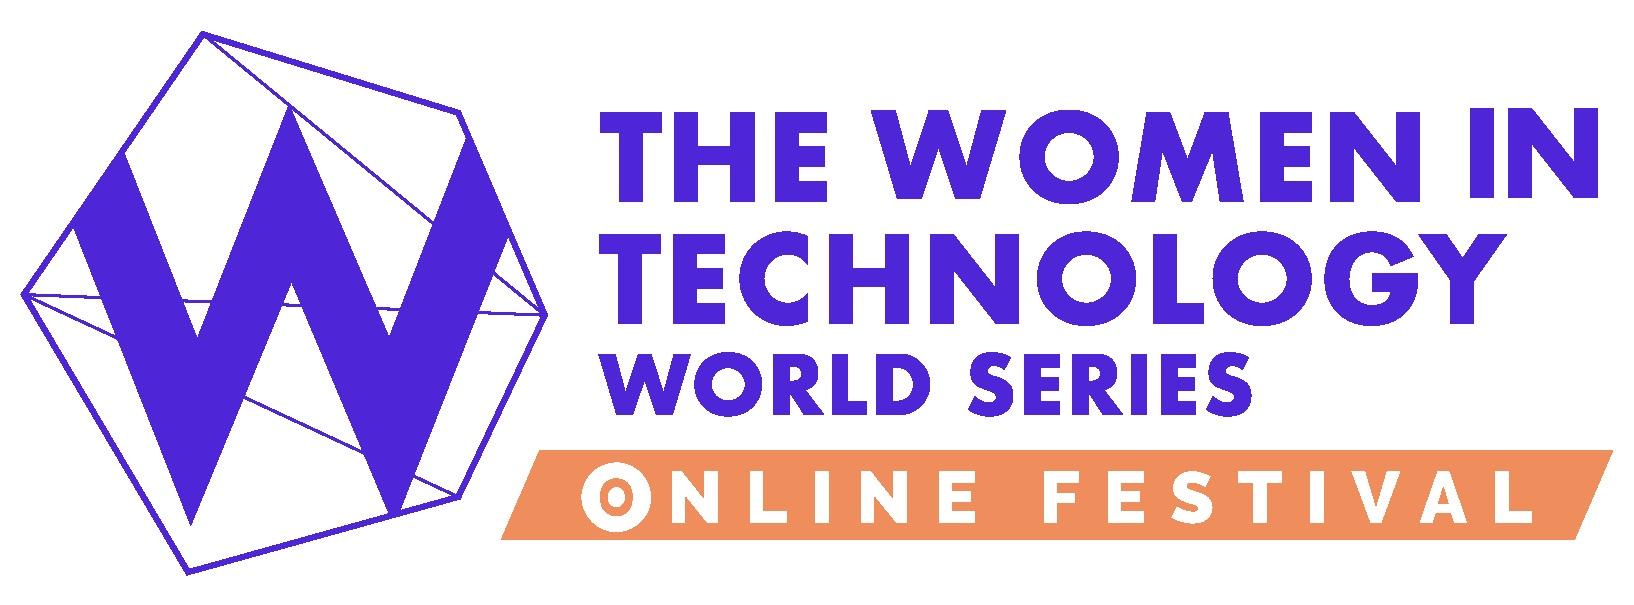 The Women Technology World Series